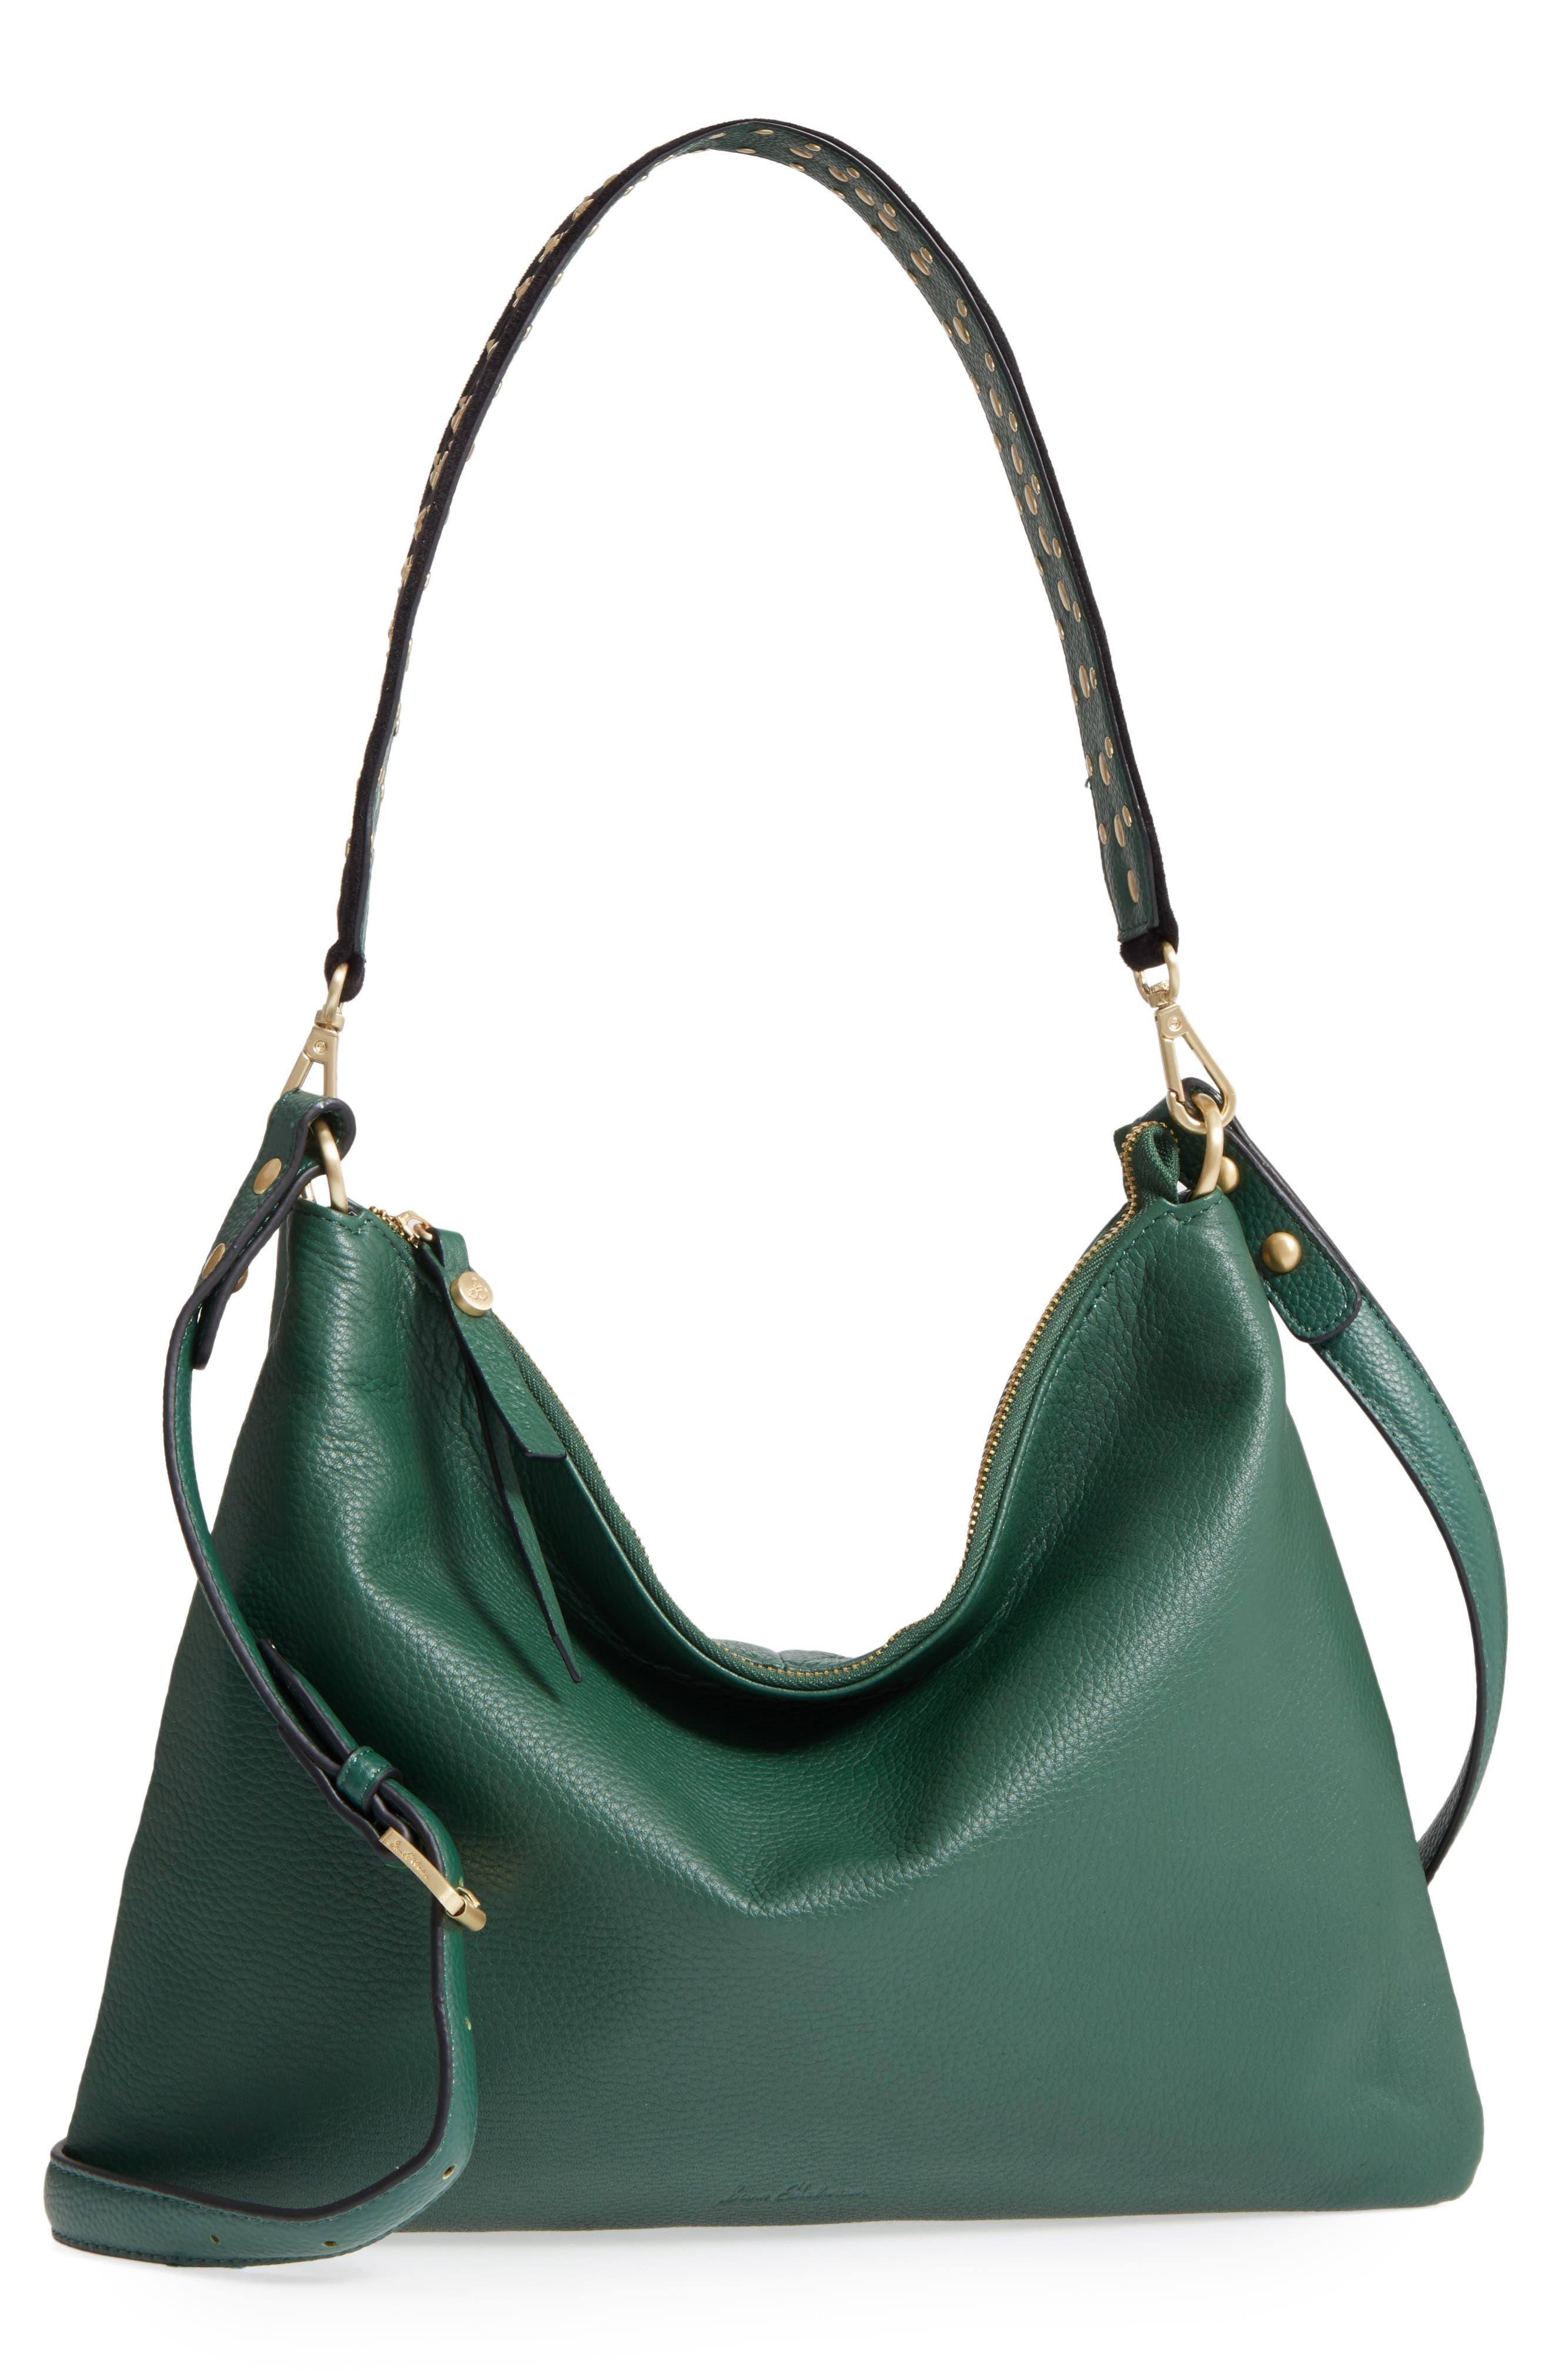 Sam Edelman Raelyn Leather Shoulder Bag